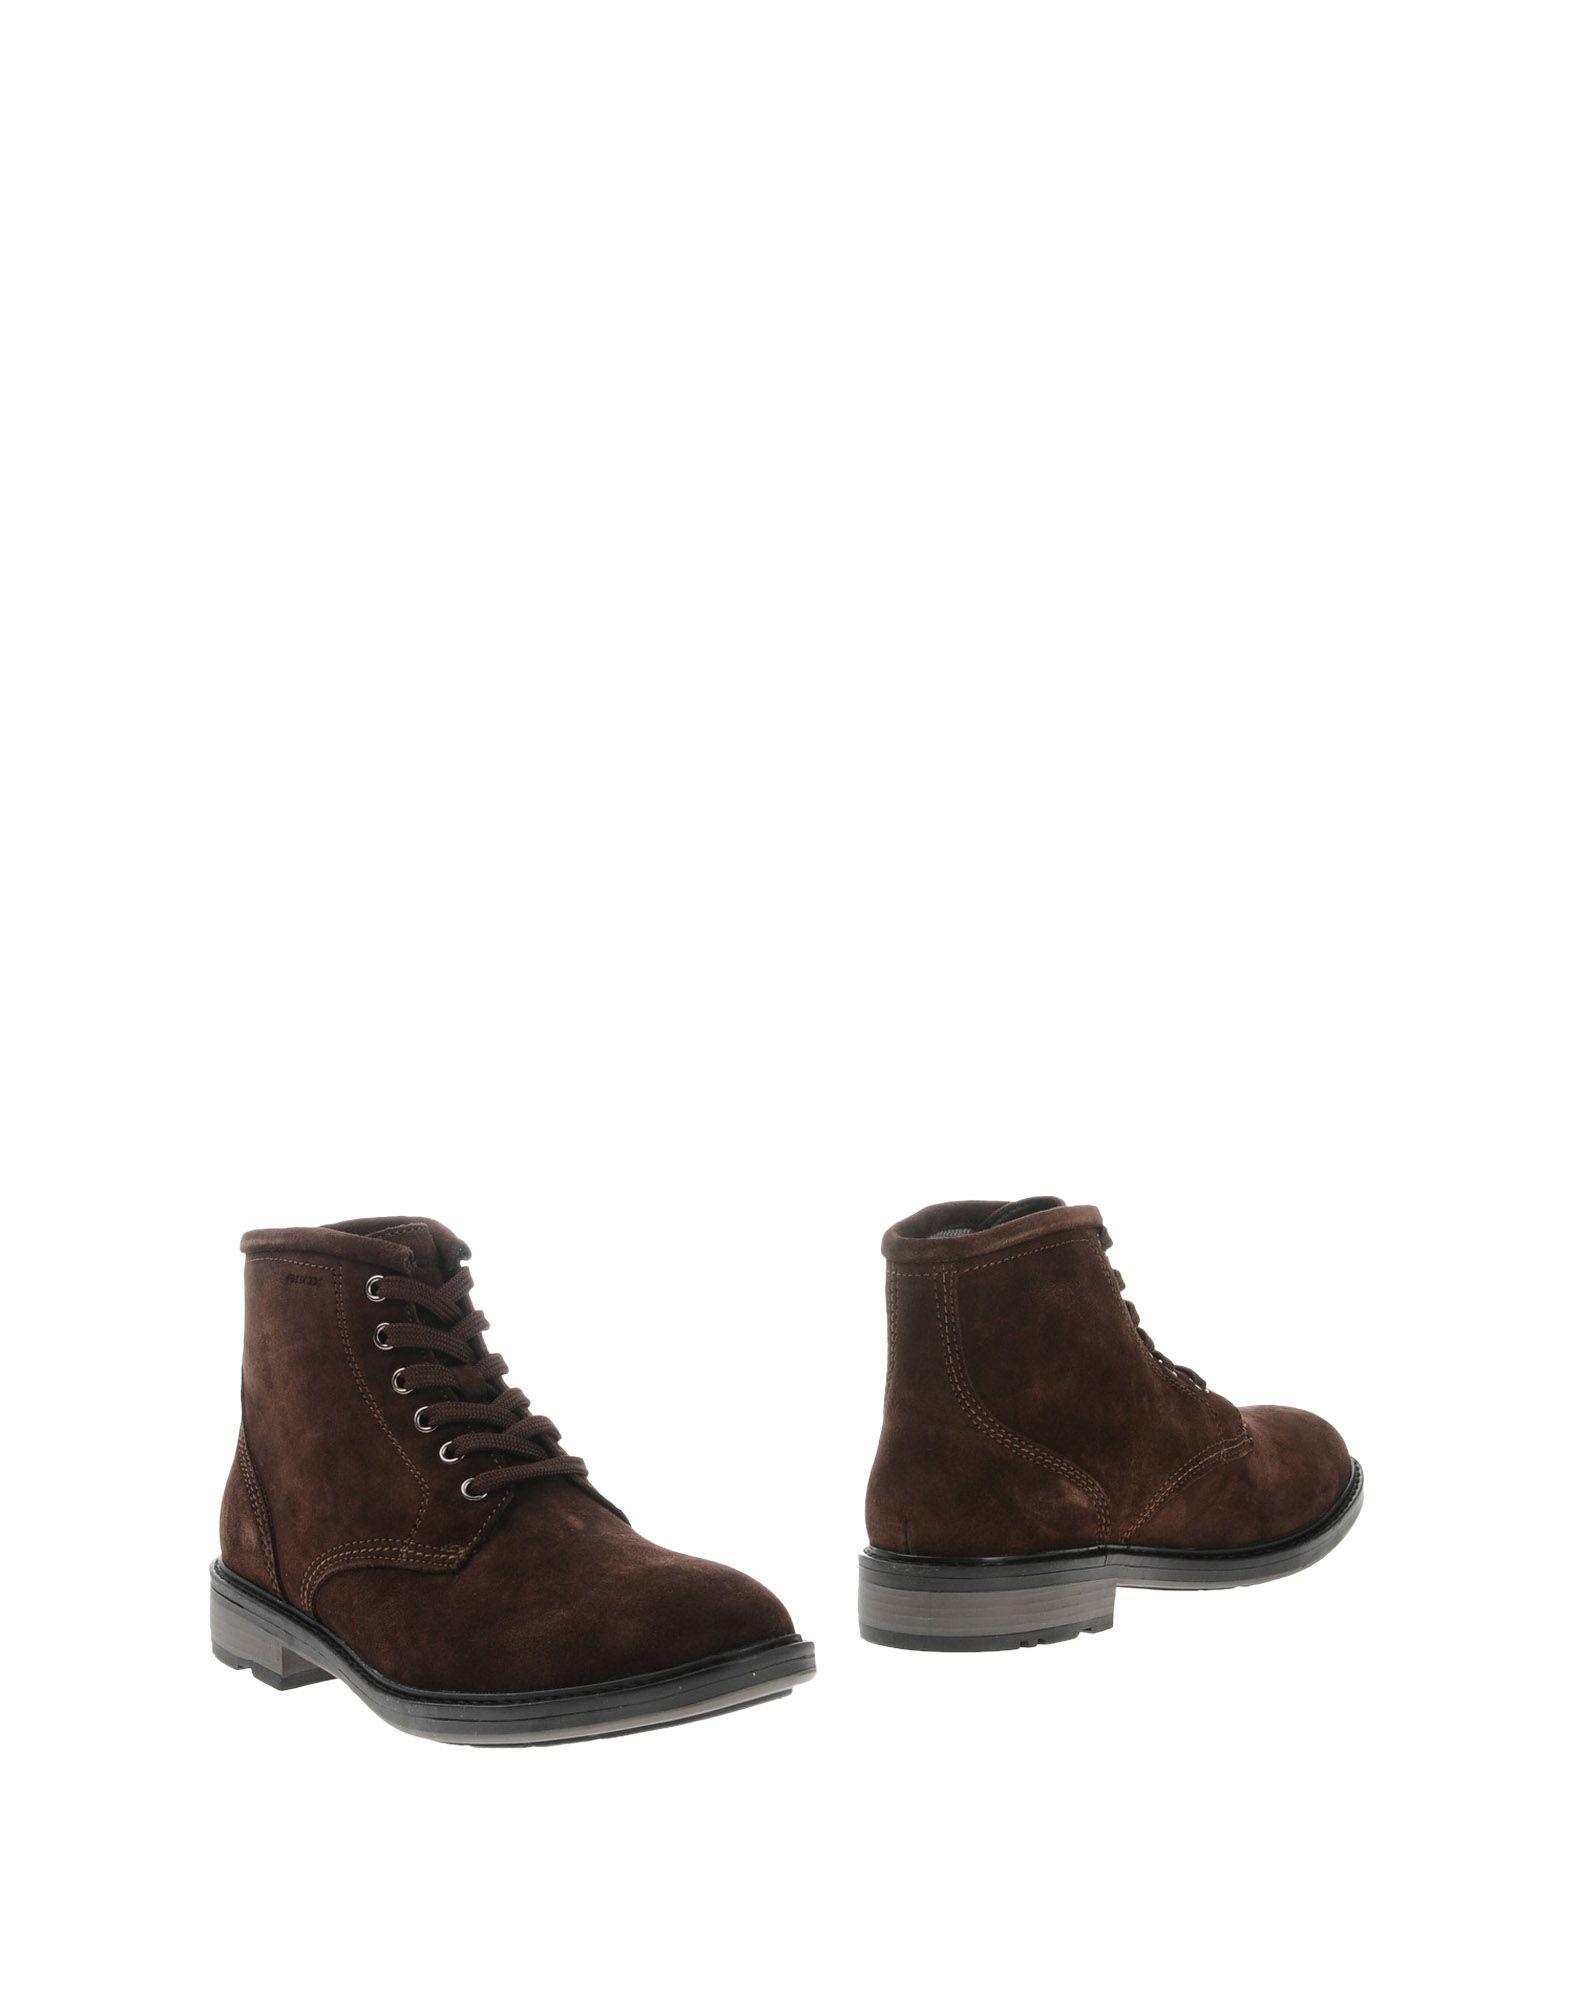 Geox Stiefelette Herren  11392267PX 11392267PX  Heiße Schuhe 31b0d7